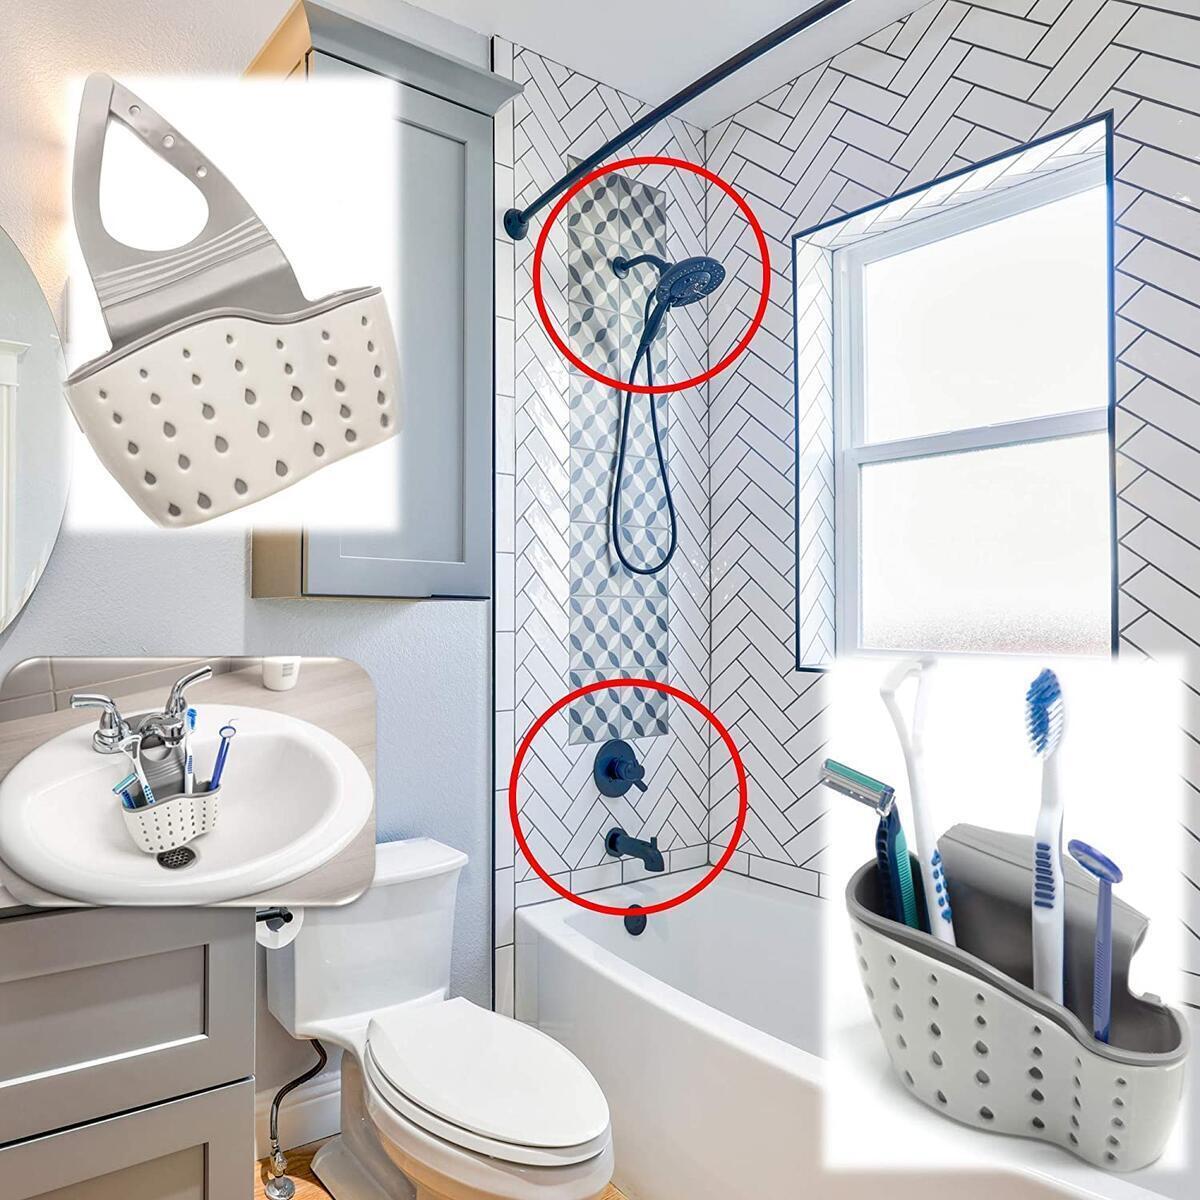 HappyKitchen Sink Basket with Sink Caddy - Kitchen Triangular Sink Filter - Oganize and Maintain Cleanliness of sink - Triangular Sink Filter and Corner Sink Caddy fit in the corner of your sink